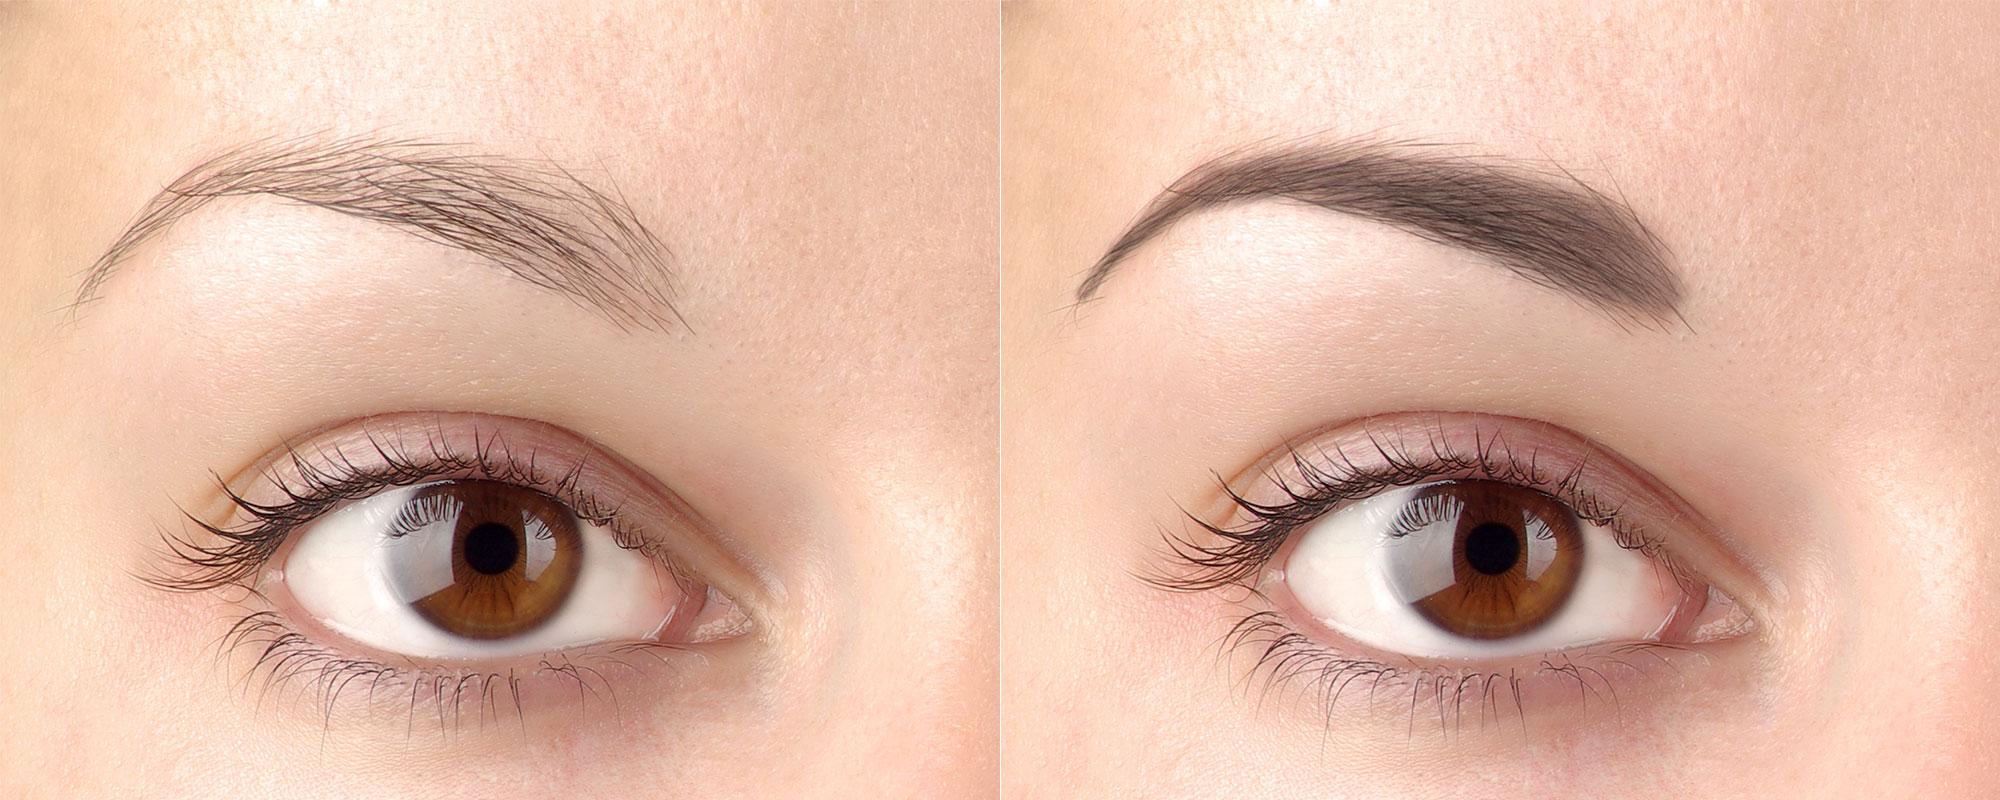 Maquillage permanent sourcils avant après